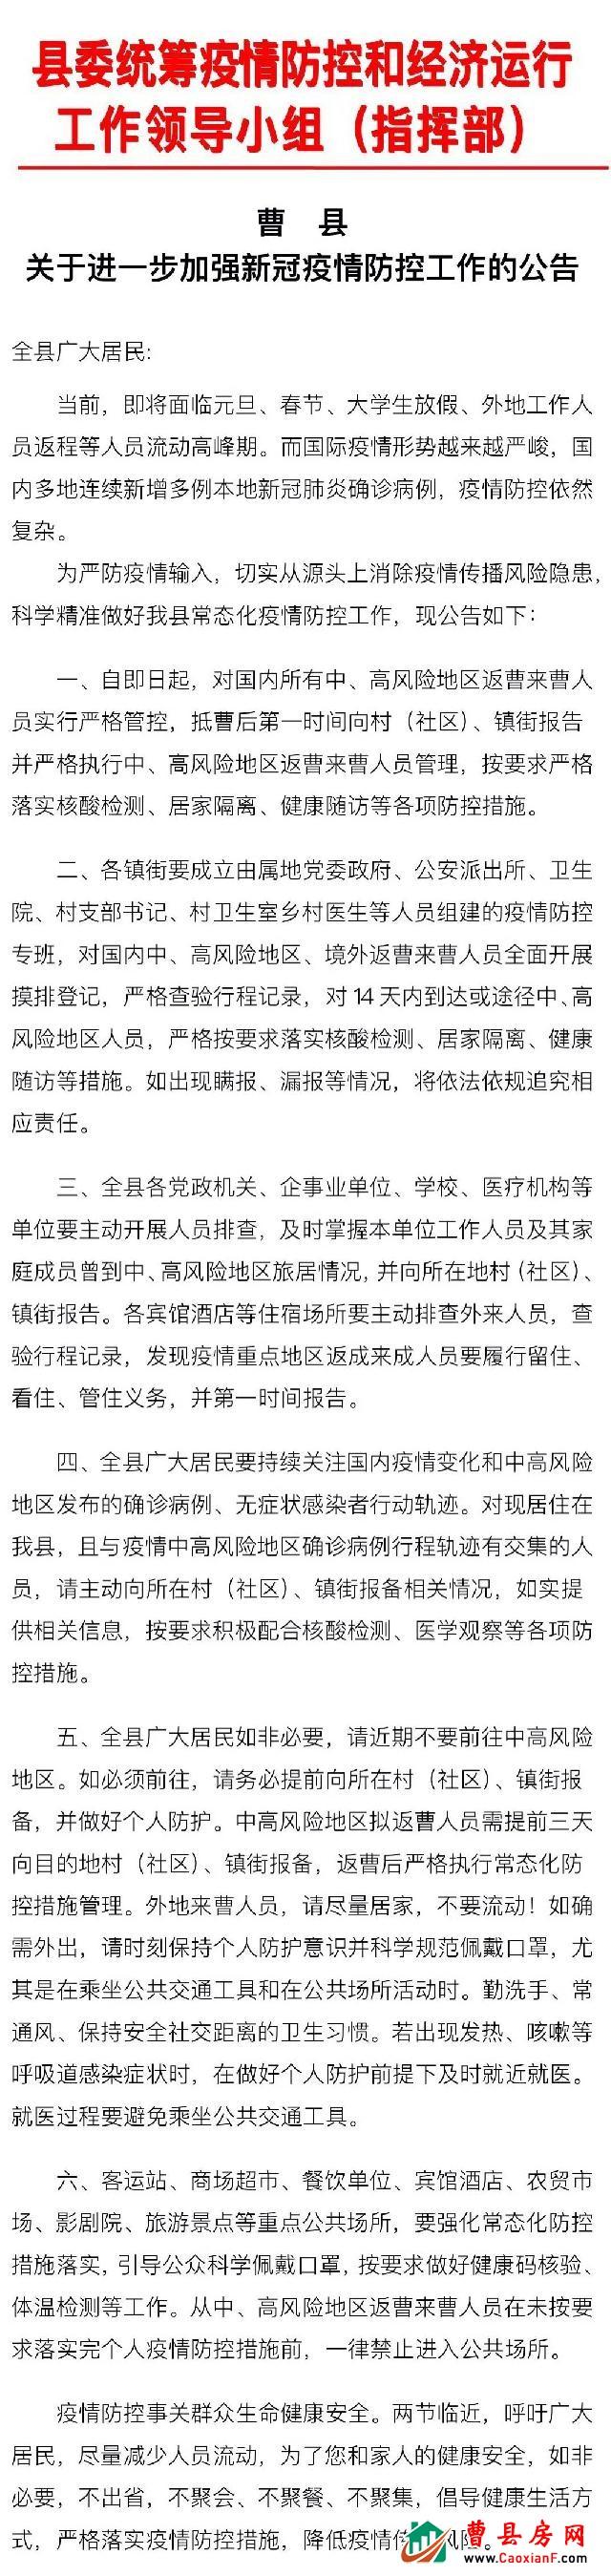 曹县关于进一步加强新冠疫情防控工作的公告